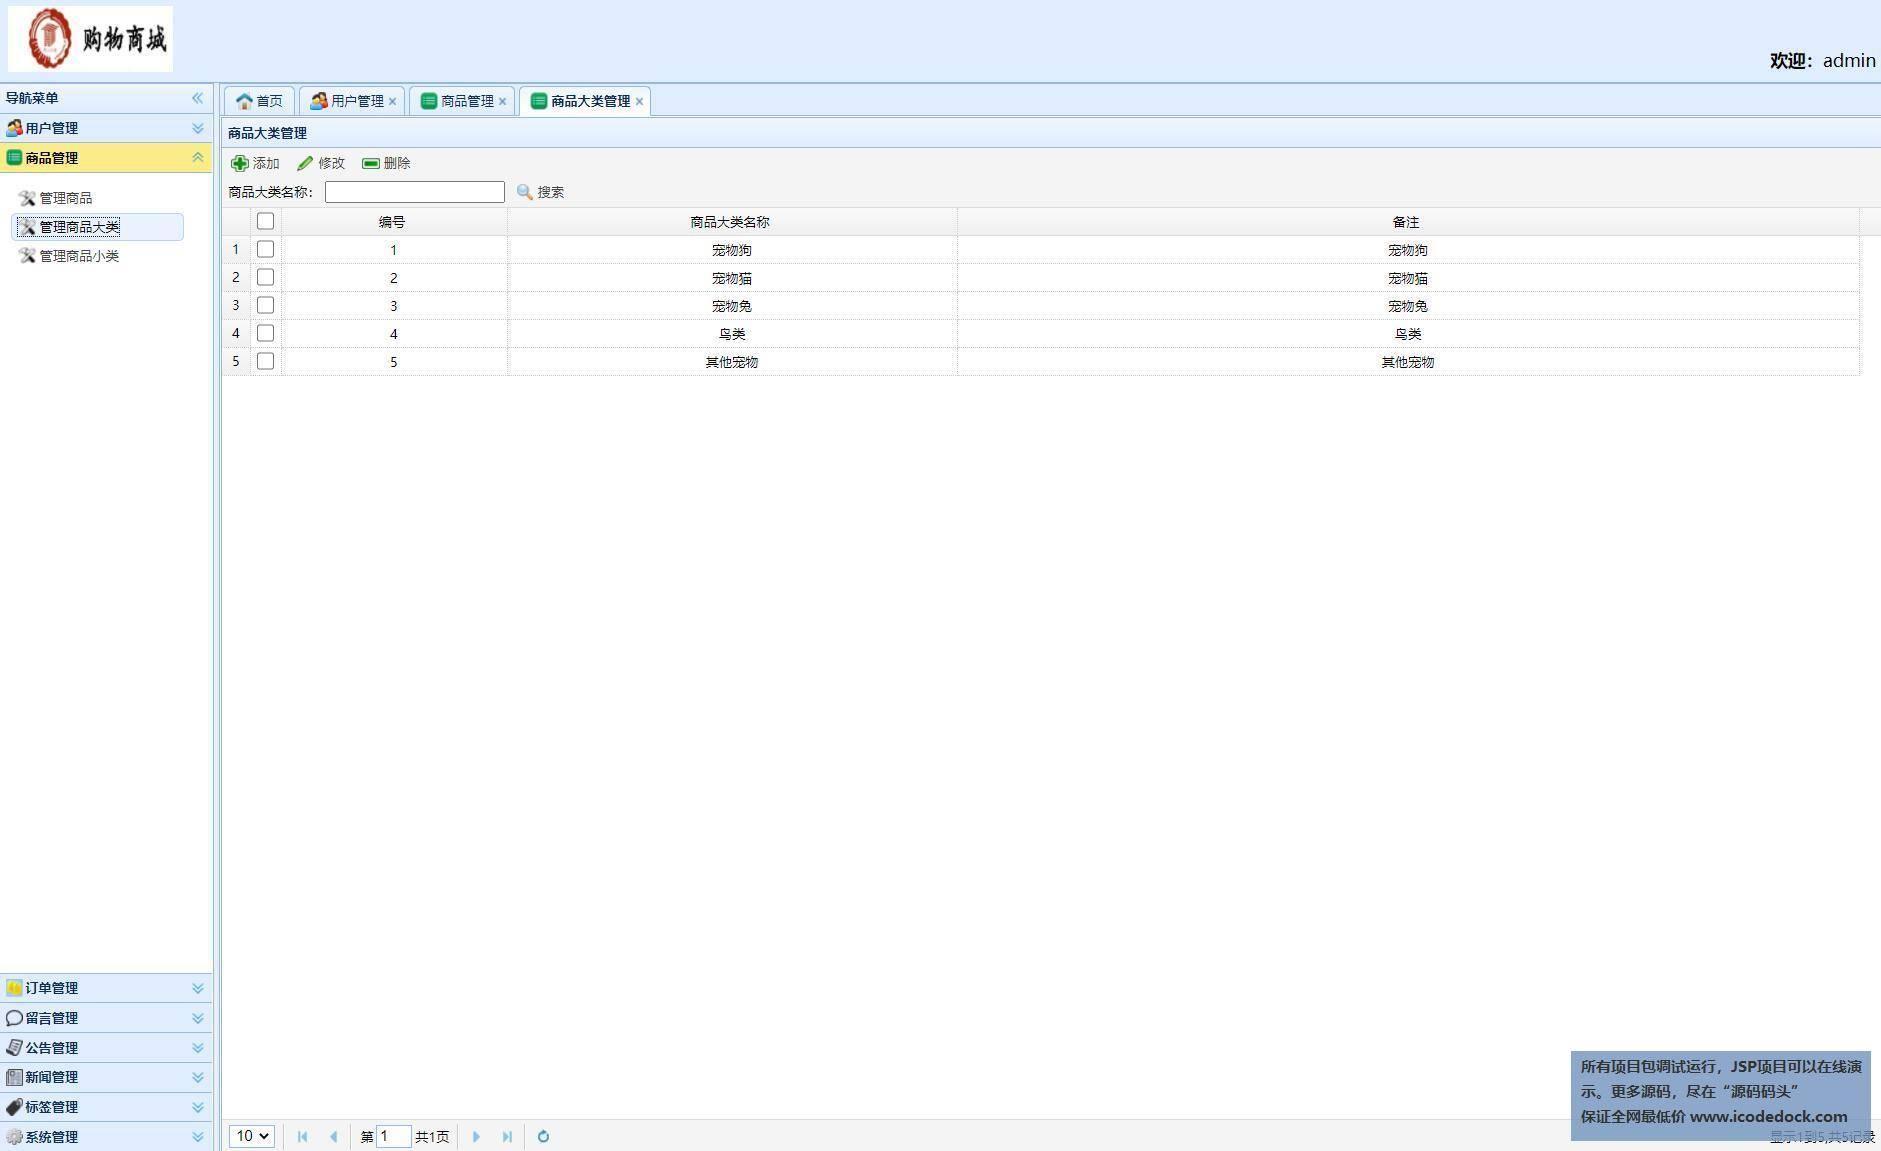 源码码头-SSH实现的一个宠物商城-管理员角色-商品分类管理